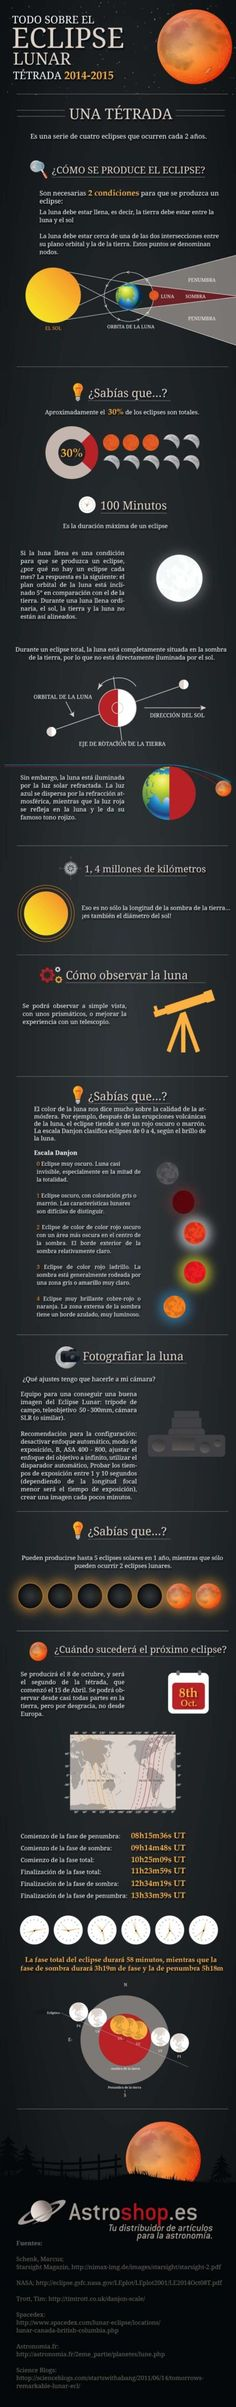 Infografía para entender el eclipse lunar del 8 de octubre